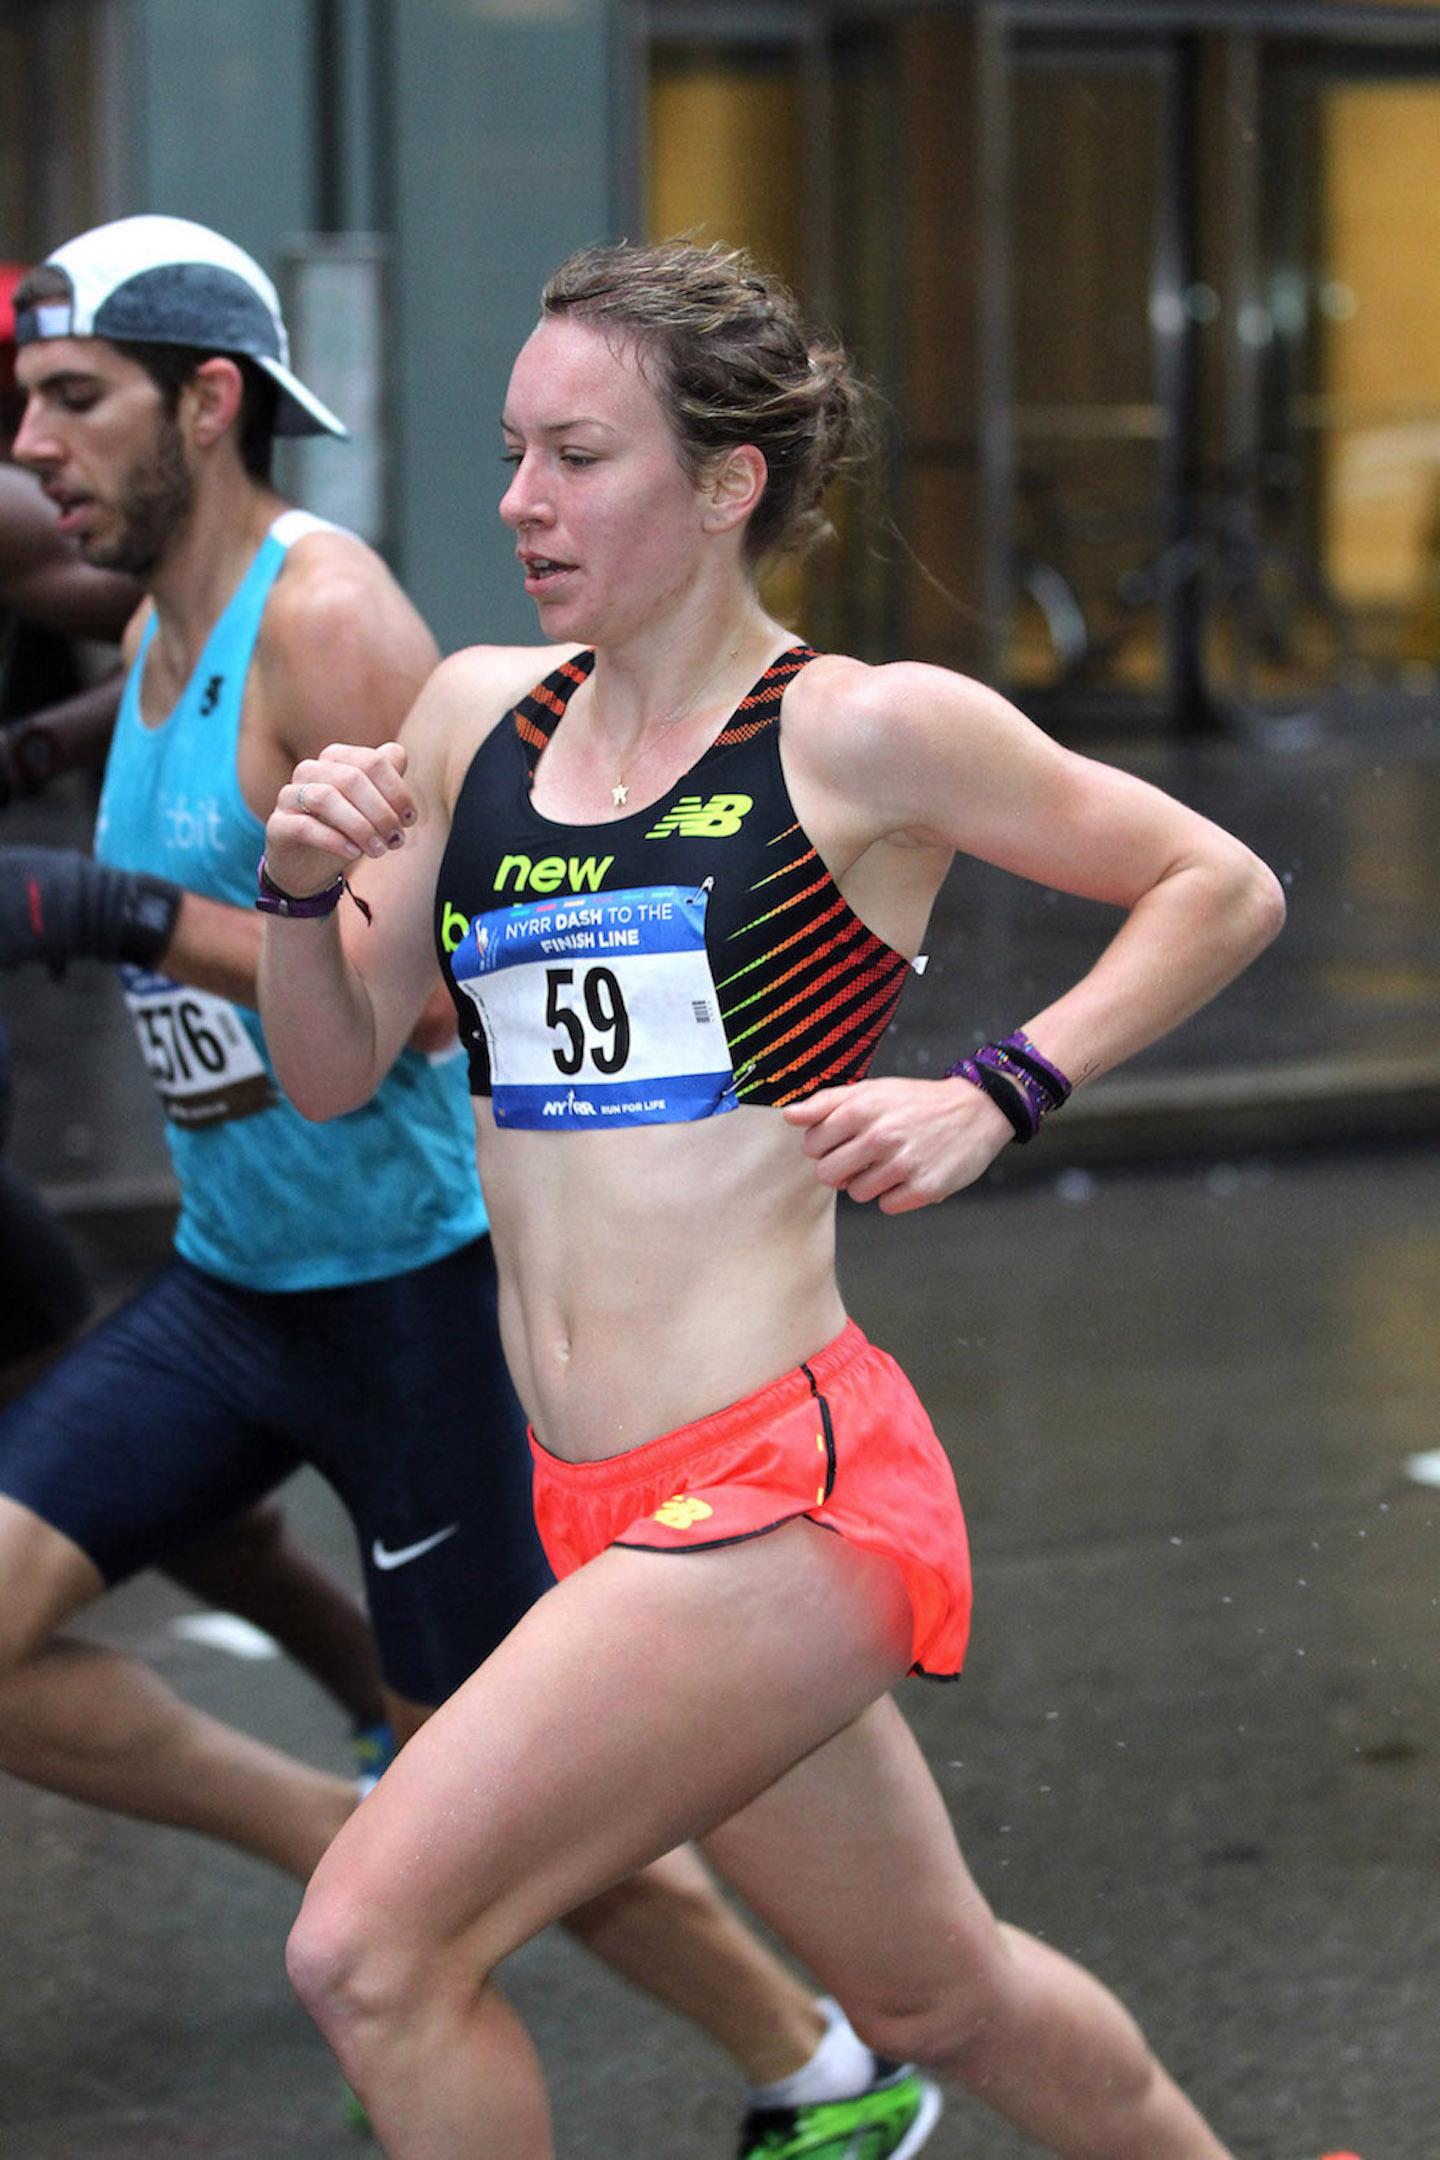 Mainova Frankfurt Marathon on October 27: Valary Jemeli, Alemu Kebede and Stephanie Twell have potential to surprise - Athletics Illustrated